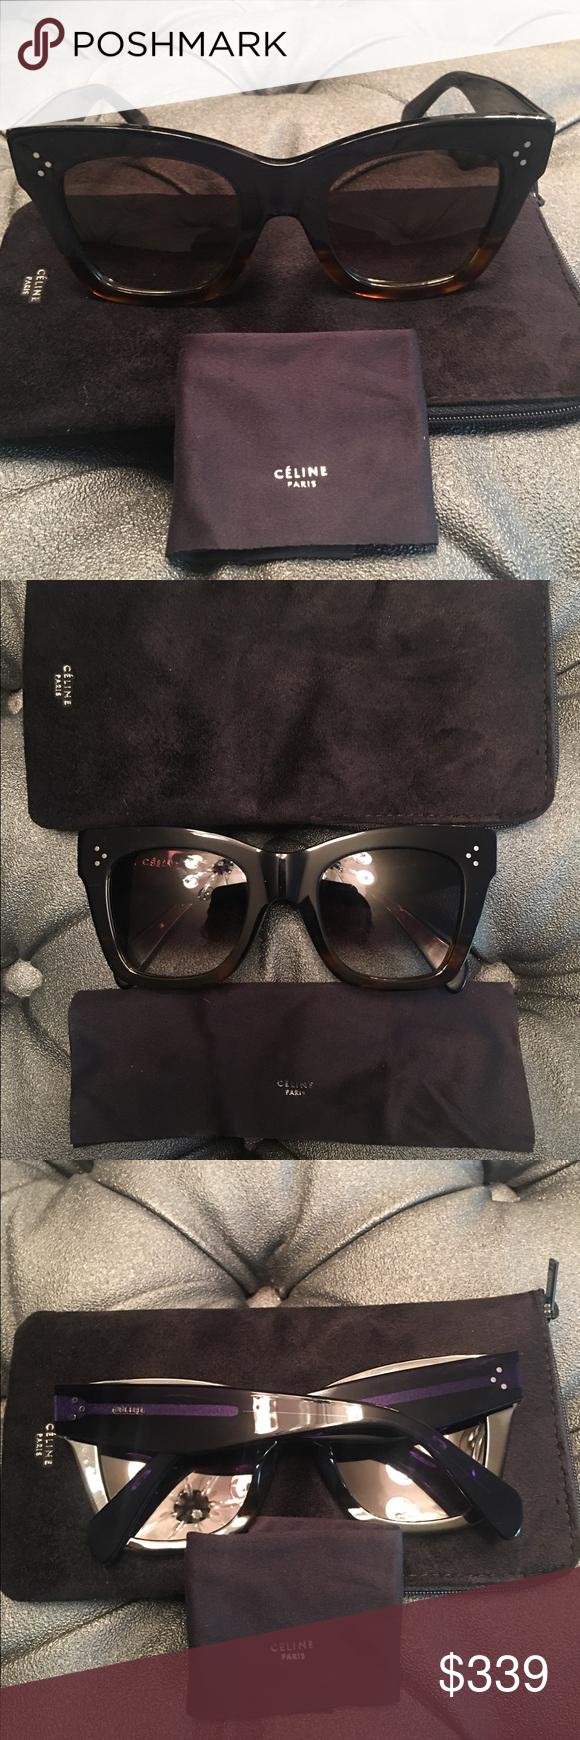 bdd287cb889c Celine Catherine sunglasses Brand new Celine CL 41098 S Catherine Sunglasses.  Oversized cat eye